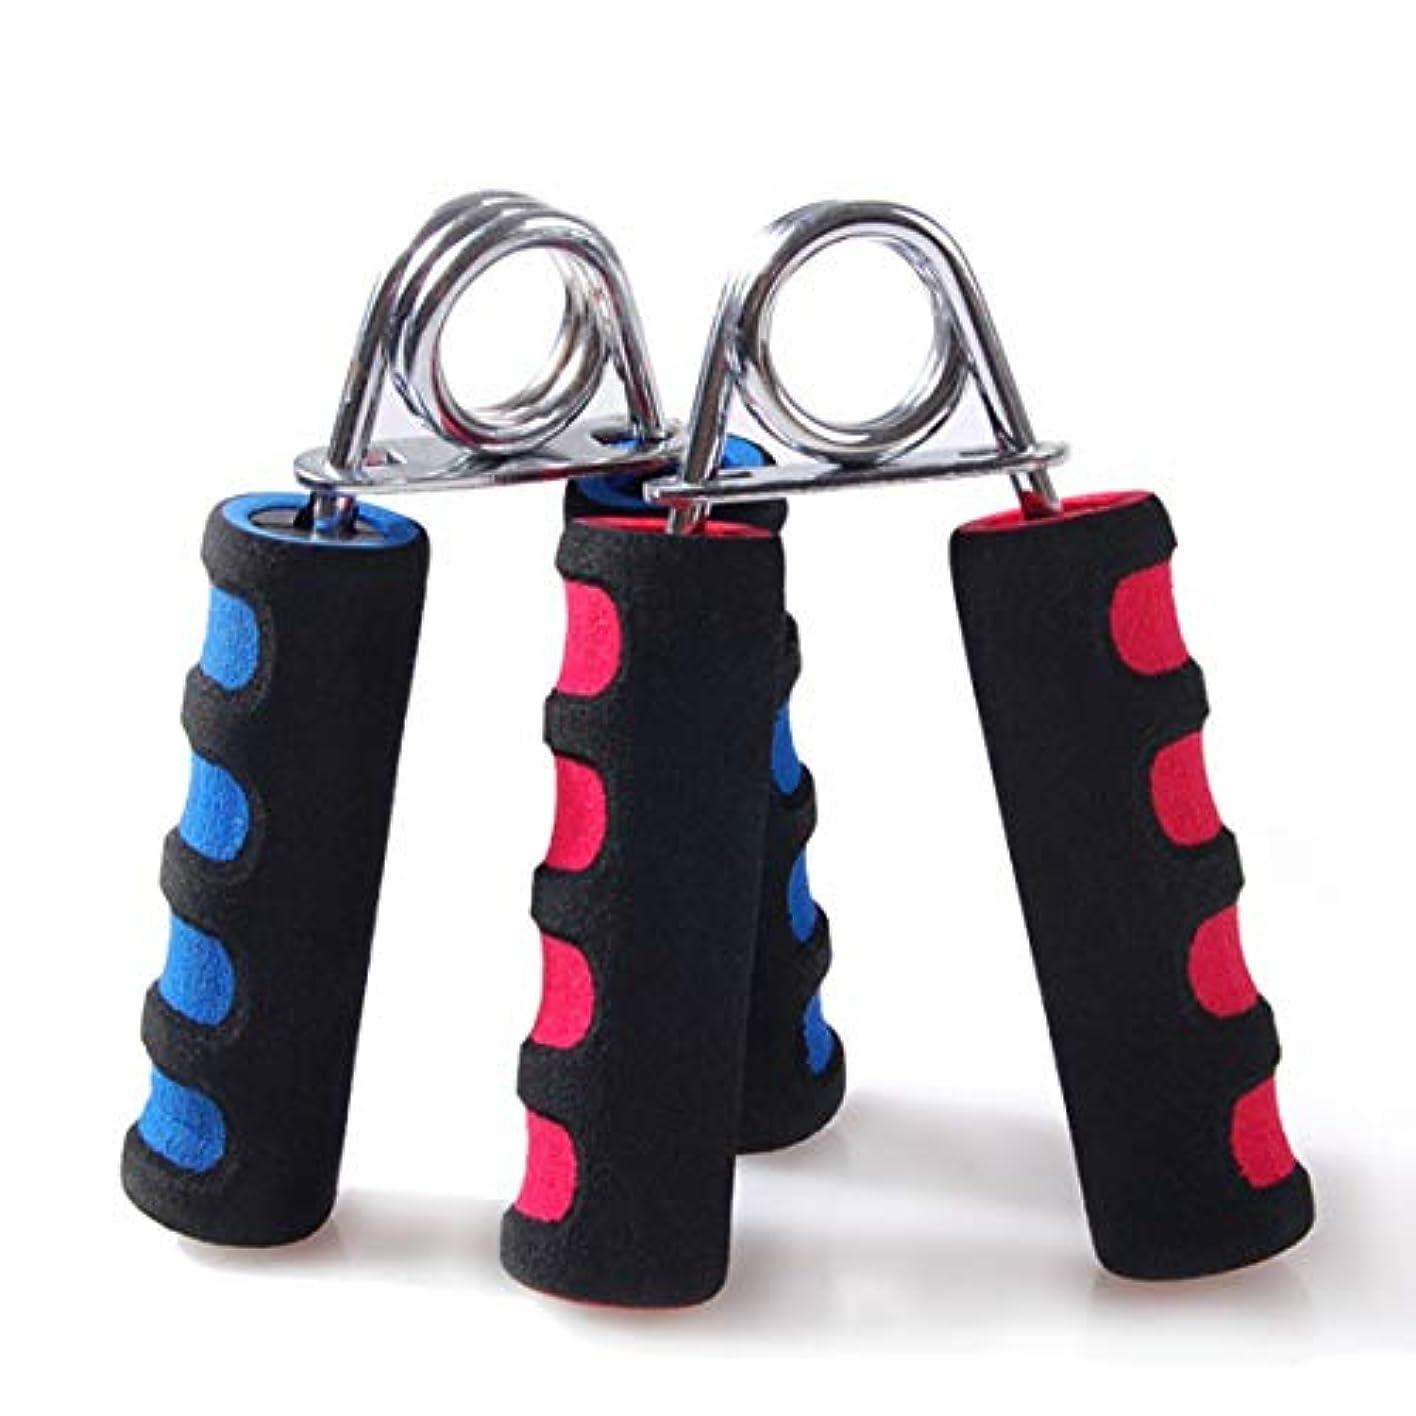 処方するトラフィックトランクハンドグリッパーアーム手首エクササイザーフィットネスグリップジムと毎日の運動のためのヘビーストレングストレーナー-カラーランダム